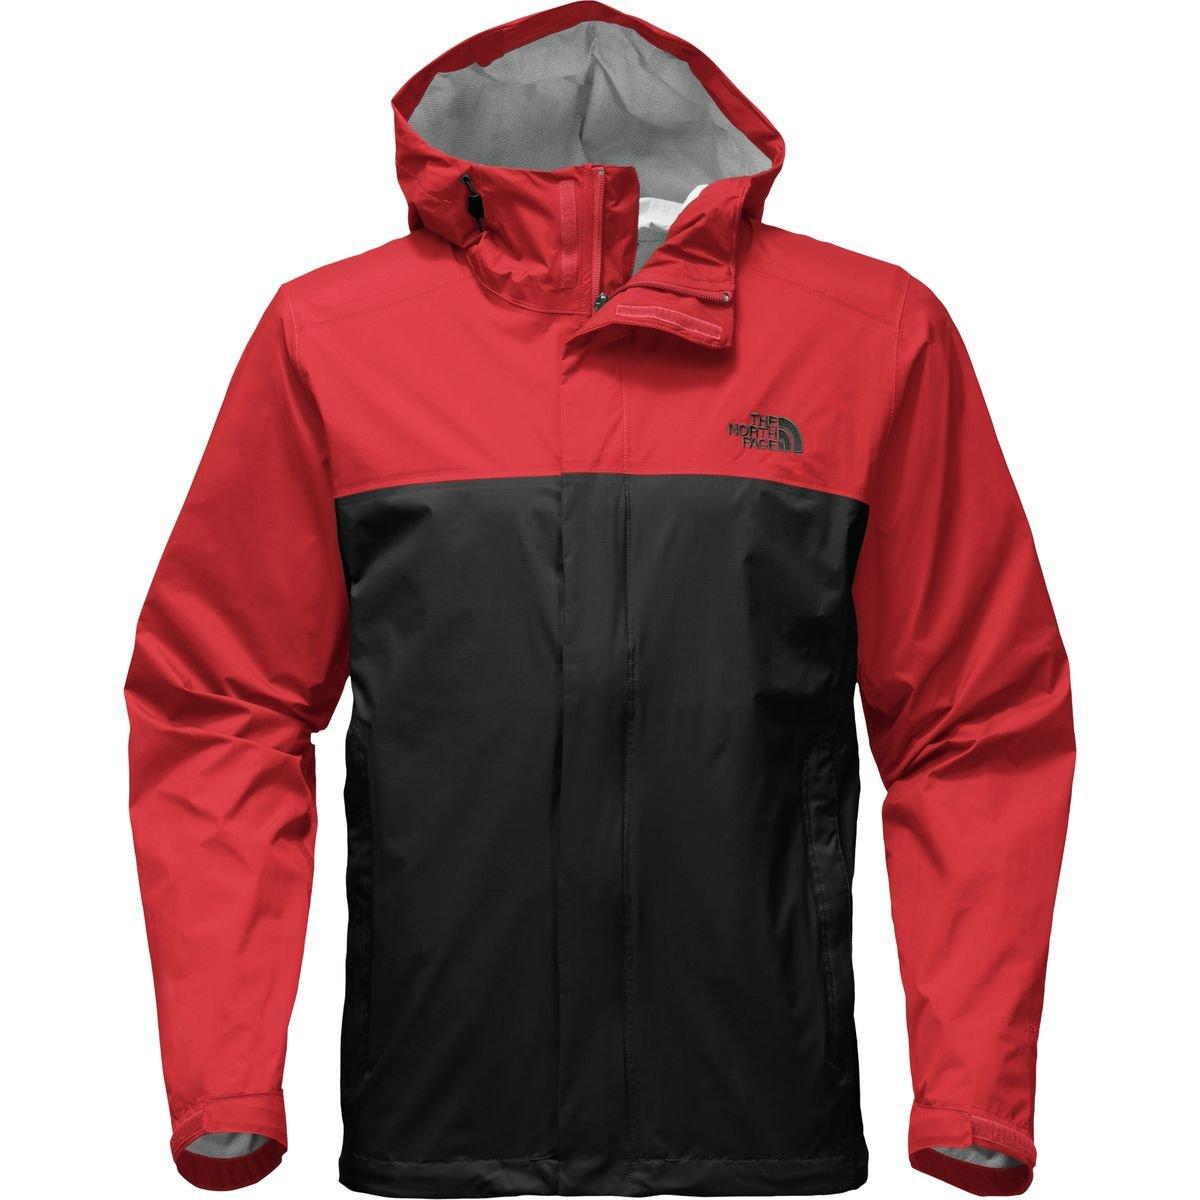 (ザノースフェイス) The North Face Resolve 2 ジャケット メンズ B01N1JQU2R 4L|Tnf Black/Centennial Red Tnf Black/Centennial Red 4L